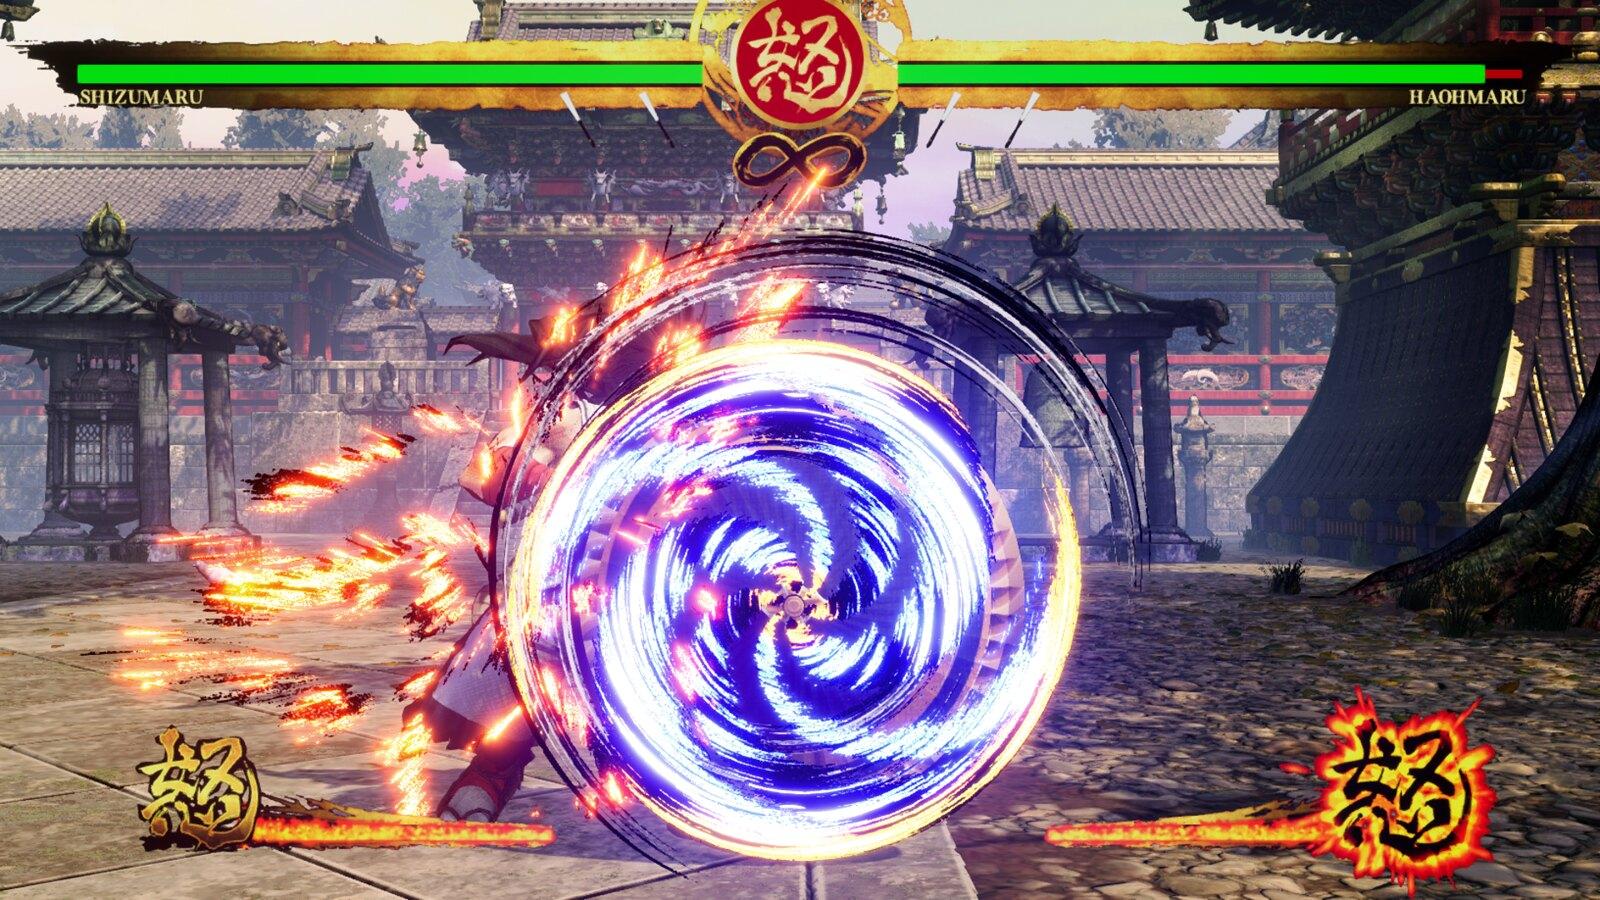 48724745977 92868d4850 h - Shizumaru ist ab nächster Woche neu im Team von Samurai Shodown